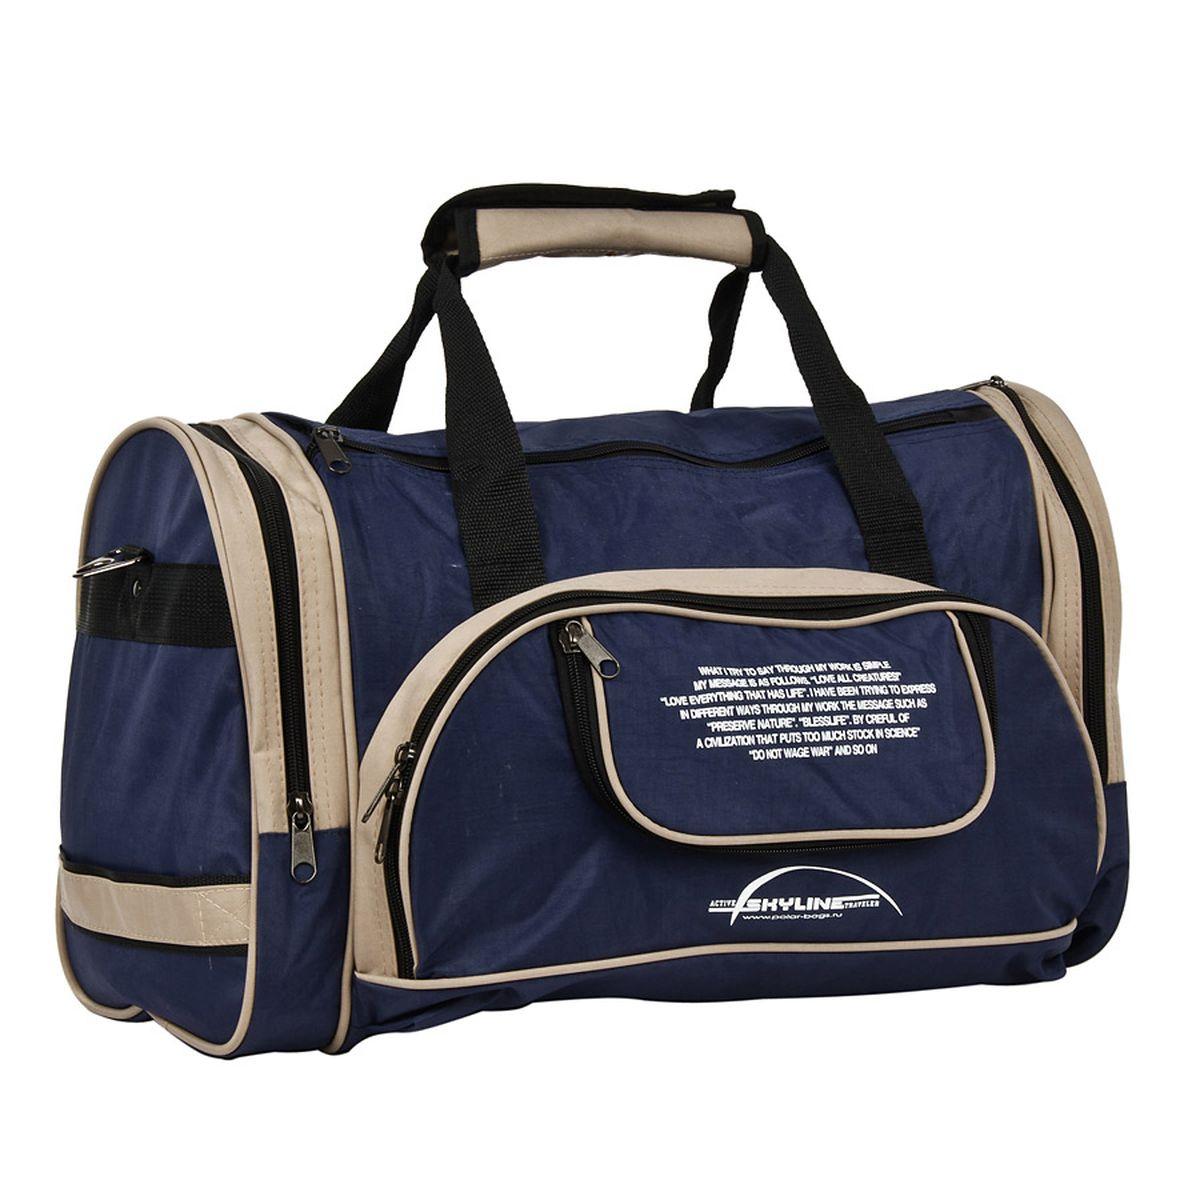 Сумка спортивная Polar, цвет: синий, бежевый, 37,5 л. 6065ГризлиСпортивная сумка Polar выполнена из полиэстера с водоотталкивающей пропиткой.Сумка имеет одно большое отделение. На лицевой стороне и по бокам сумки расположены карманы на молнии. Изделие оснащено двумя удобными текстильными ручками и съемным плечевым ремнем.